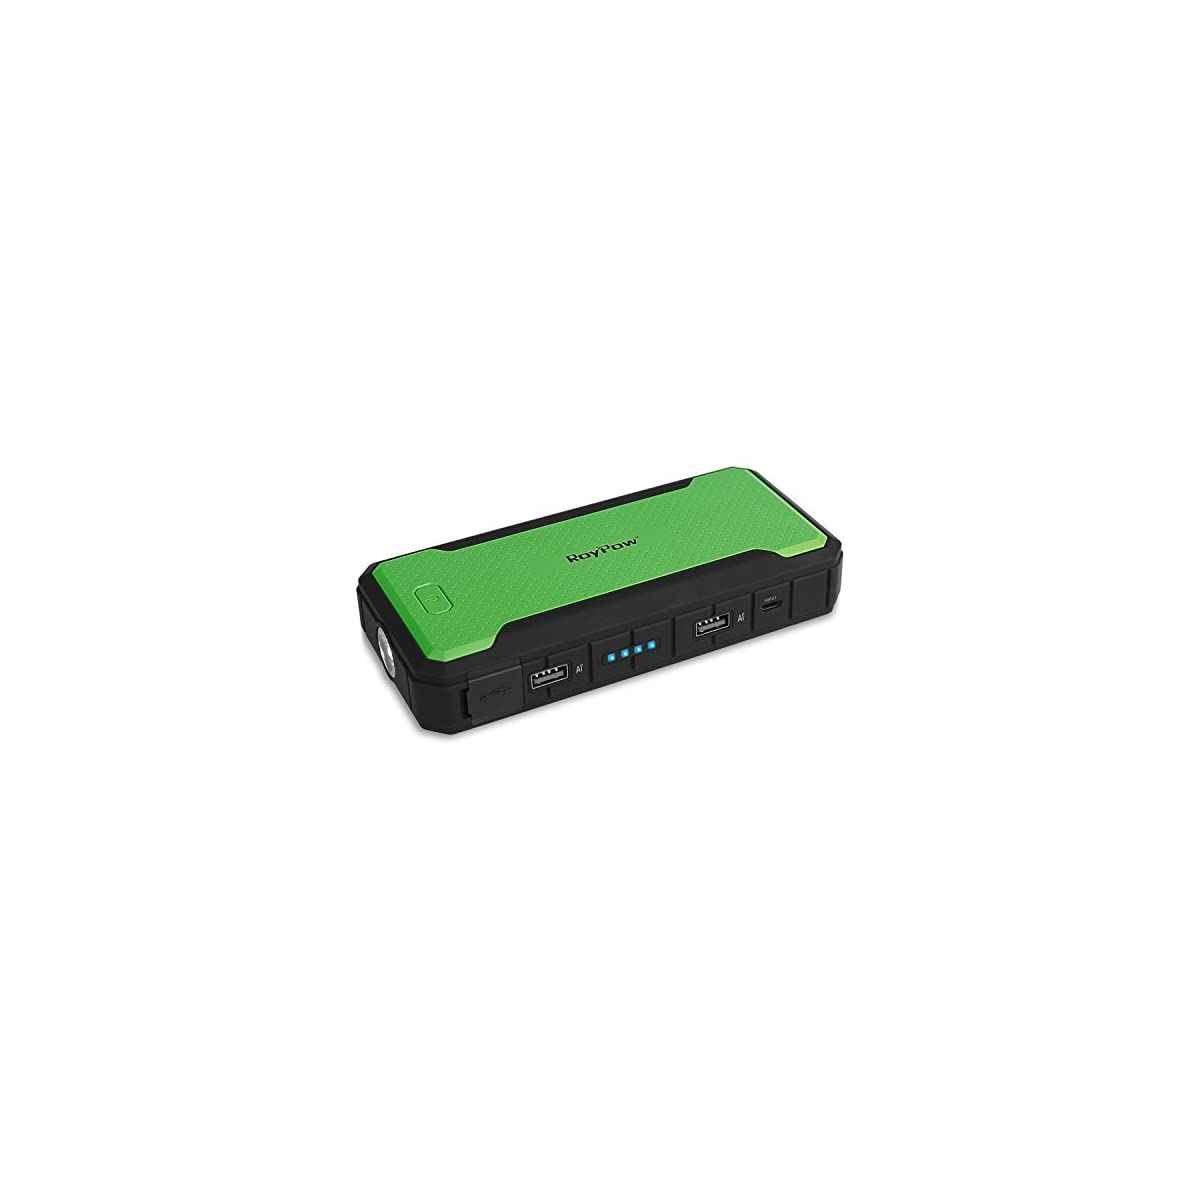 417Hvkc9lrL. SS1200  - RoyPow Arrancador de Salto de 12000 mAh de hasta 4.0L y 400A Cargador de Batería Externo Portátil & Power Bank, Ultraseguro, Garantía de 18 Meses (green)